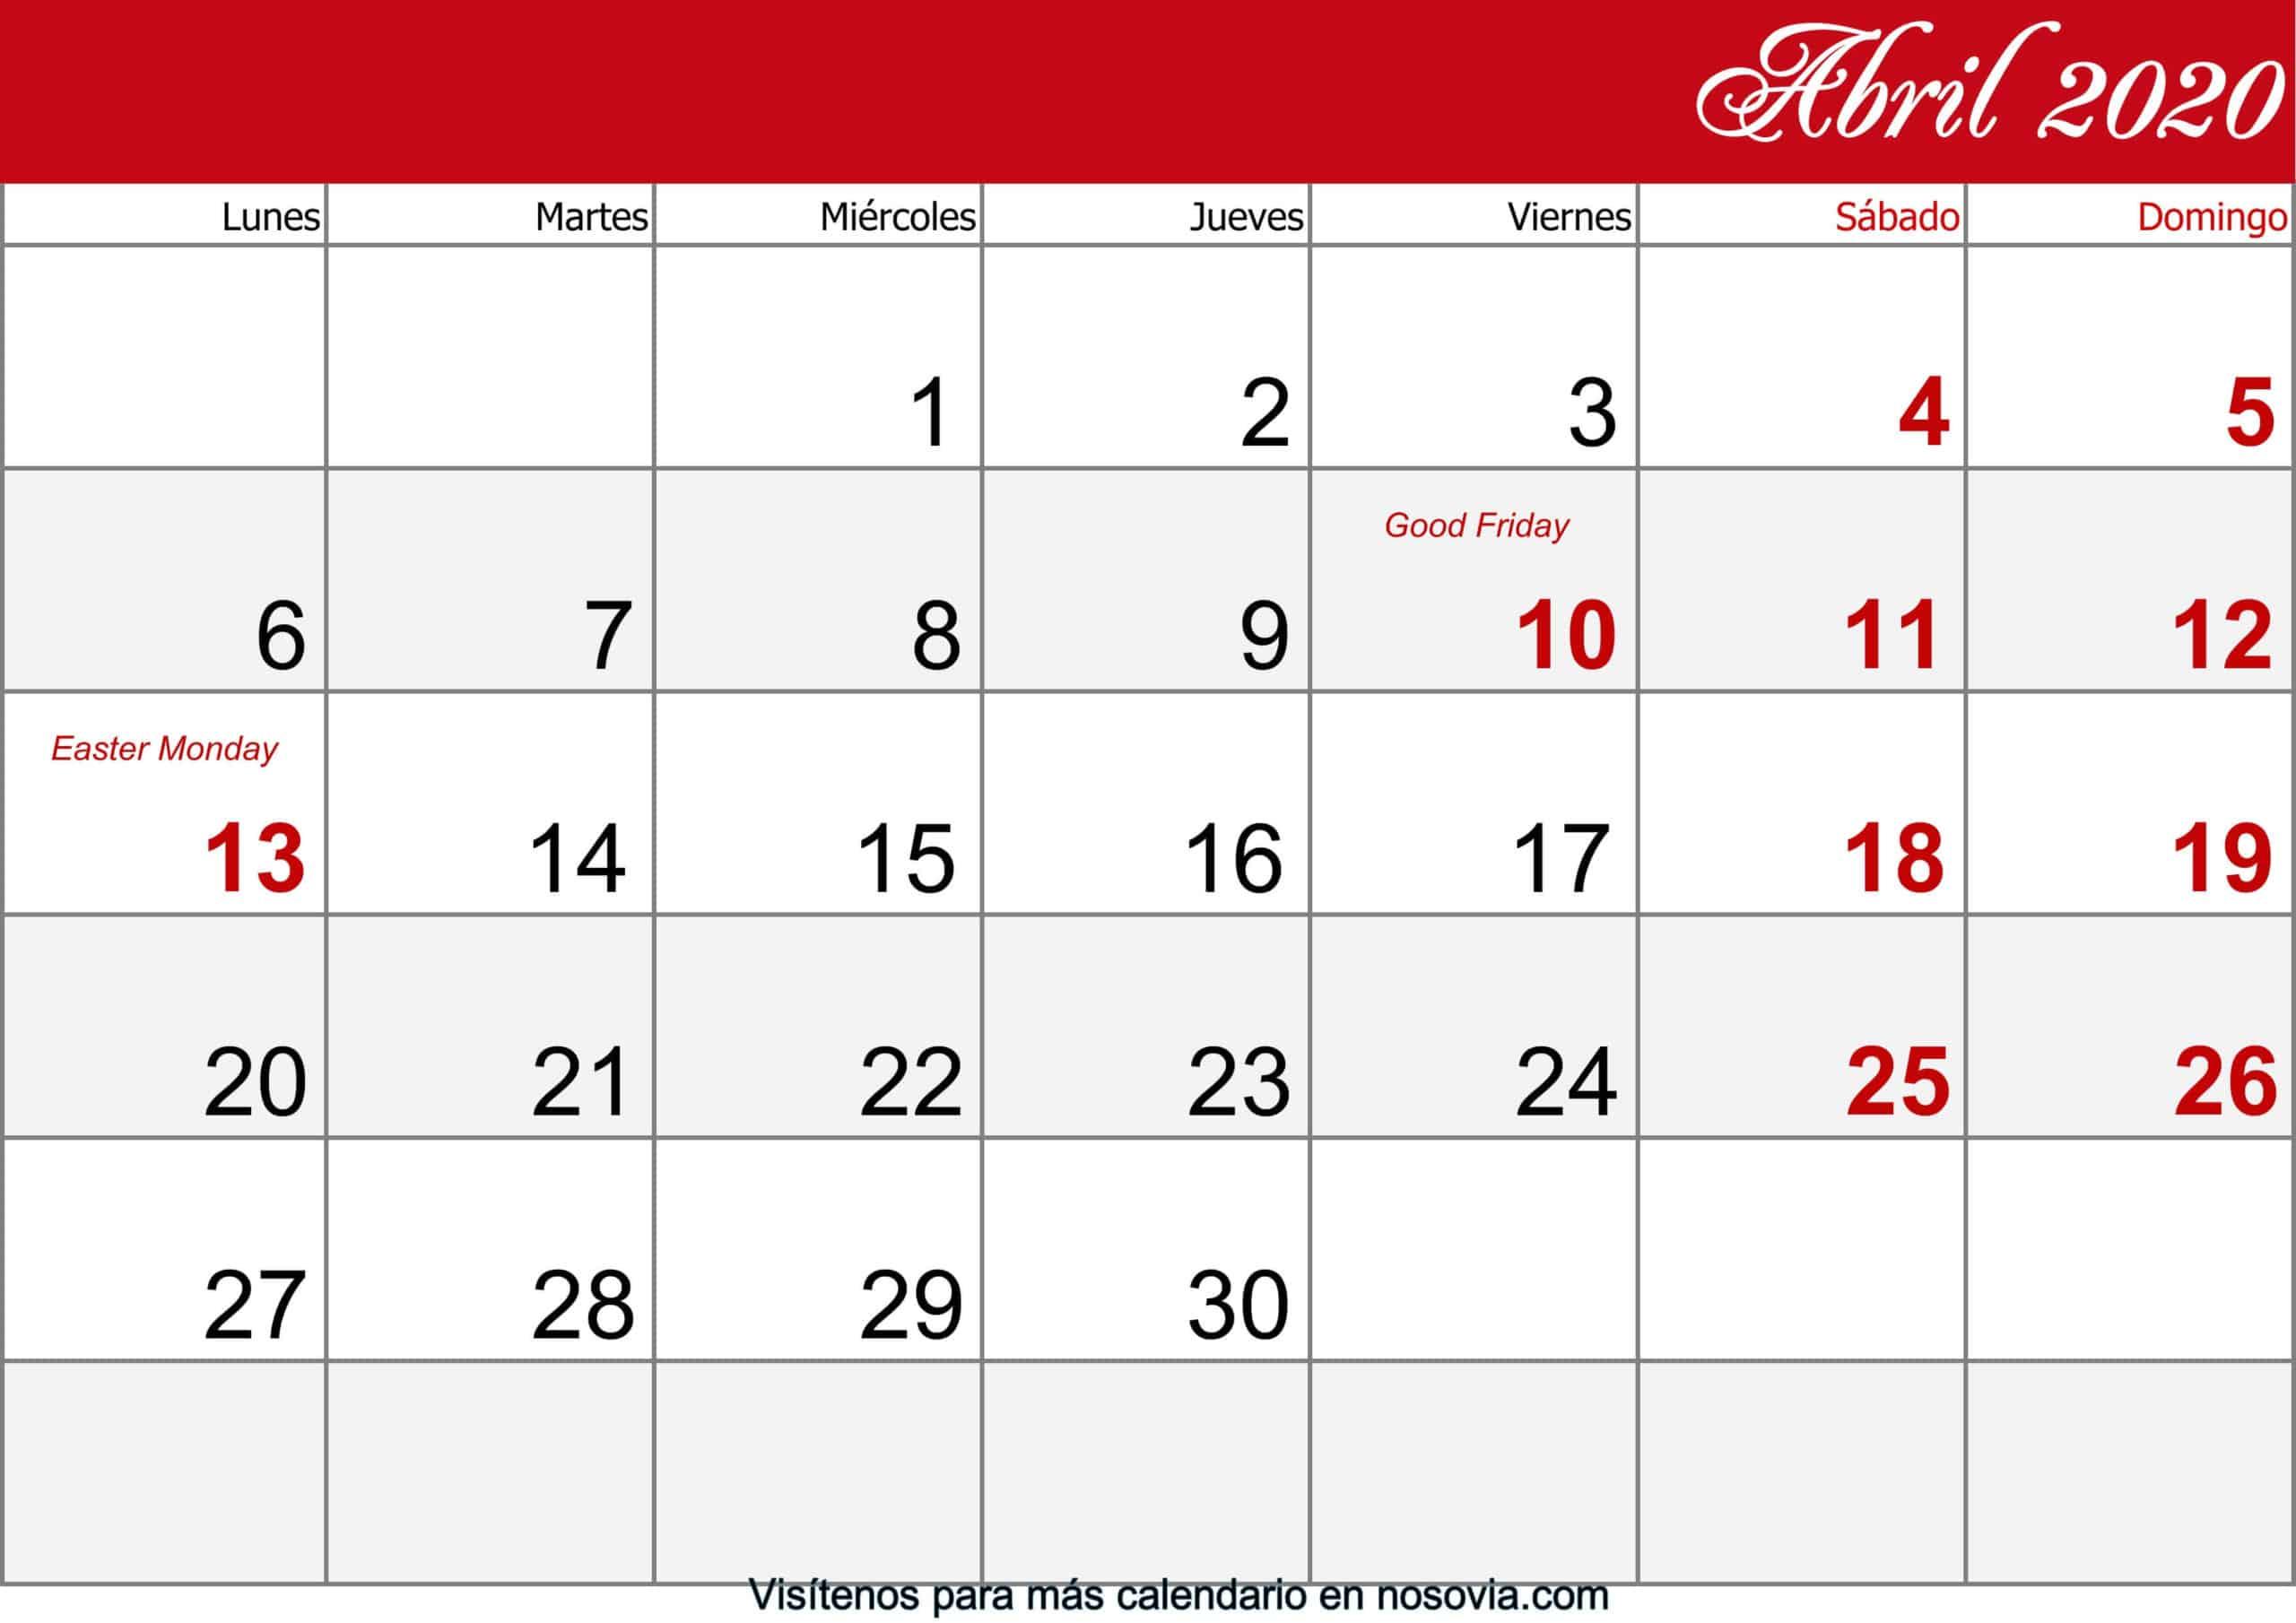 Calendario abril 2020 Con Festivos imprimible